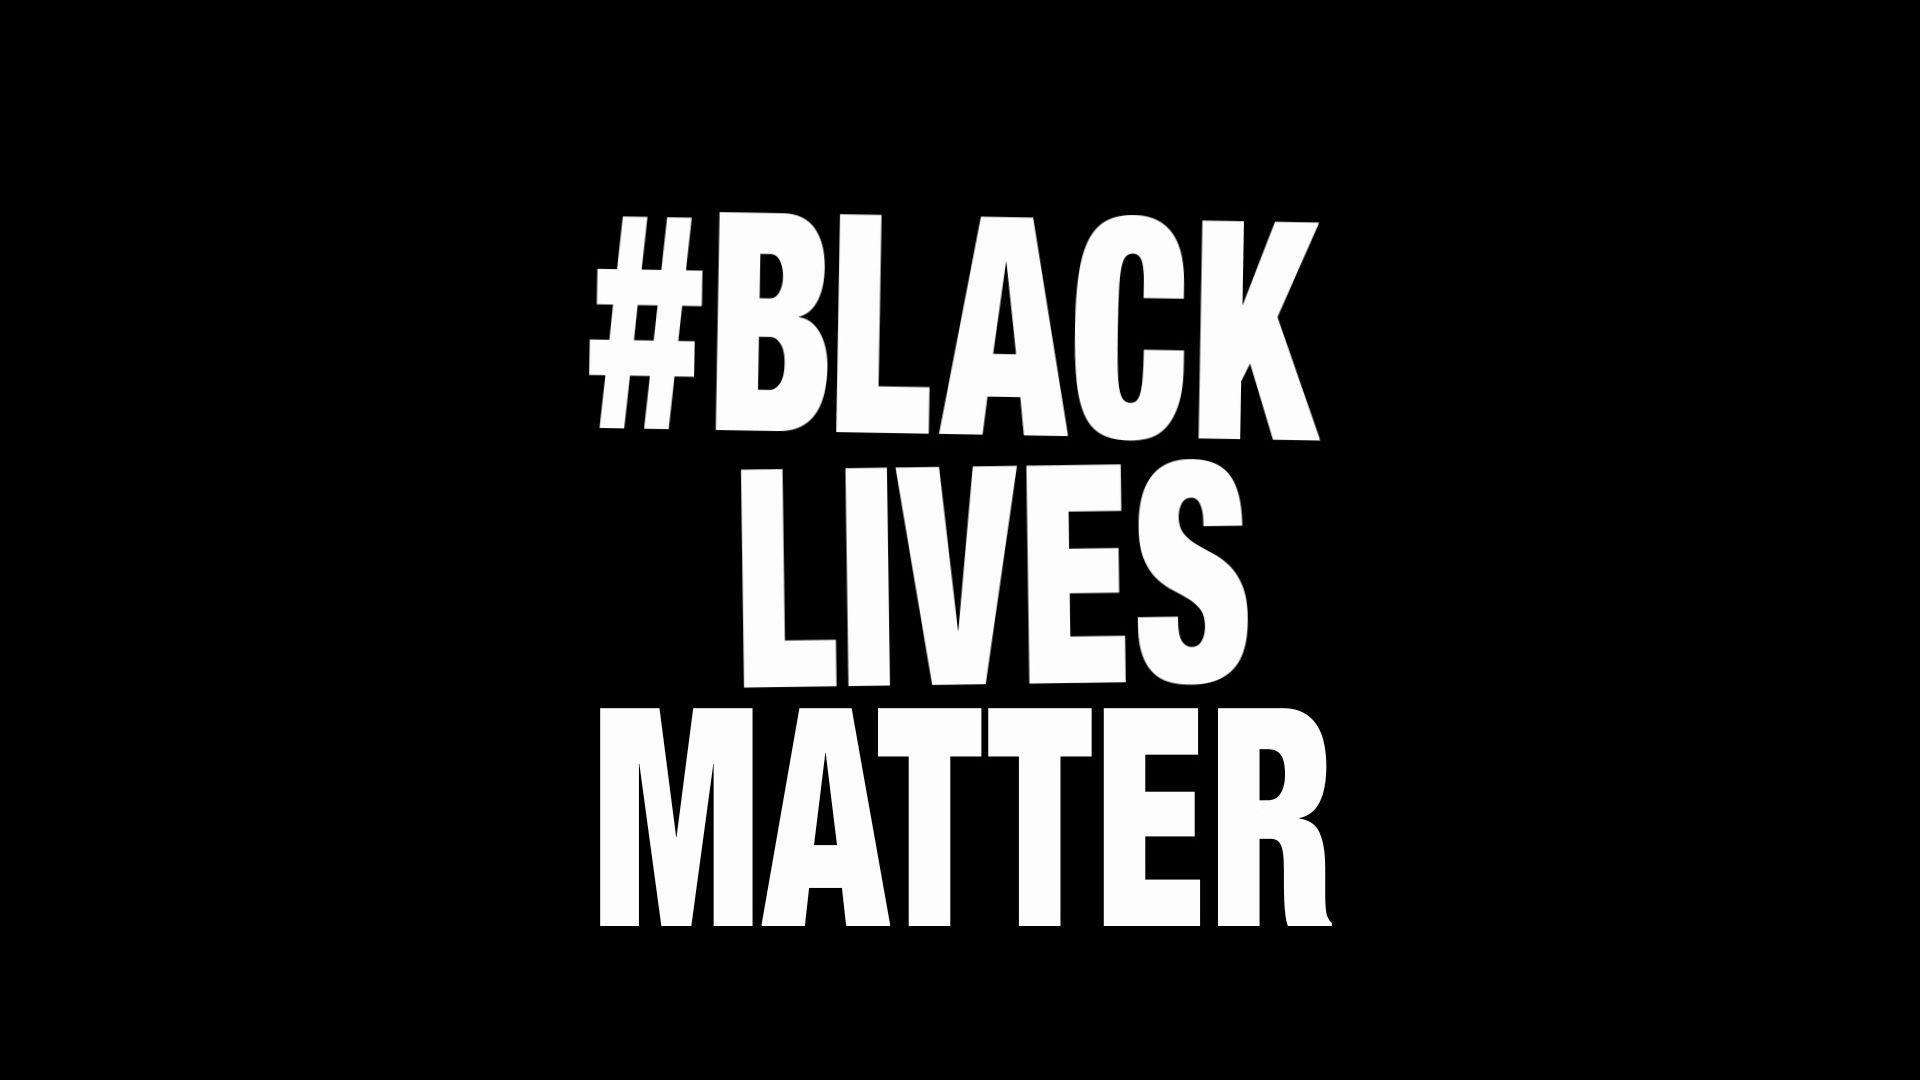 black lives matter hd wallpaper 72037